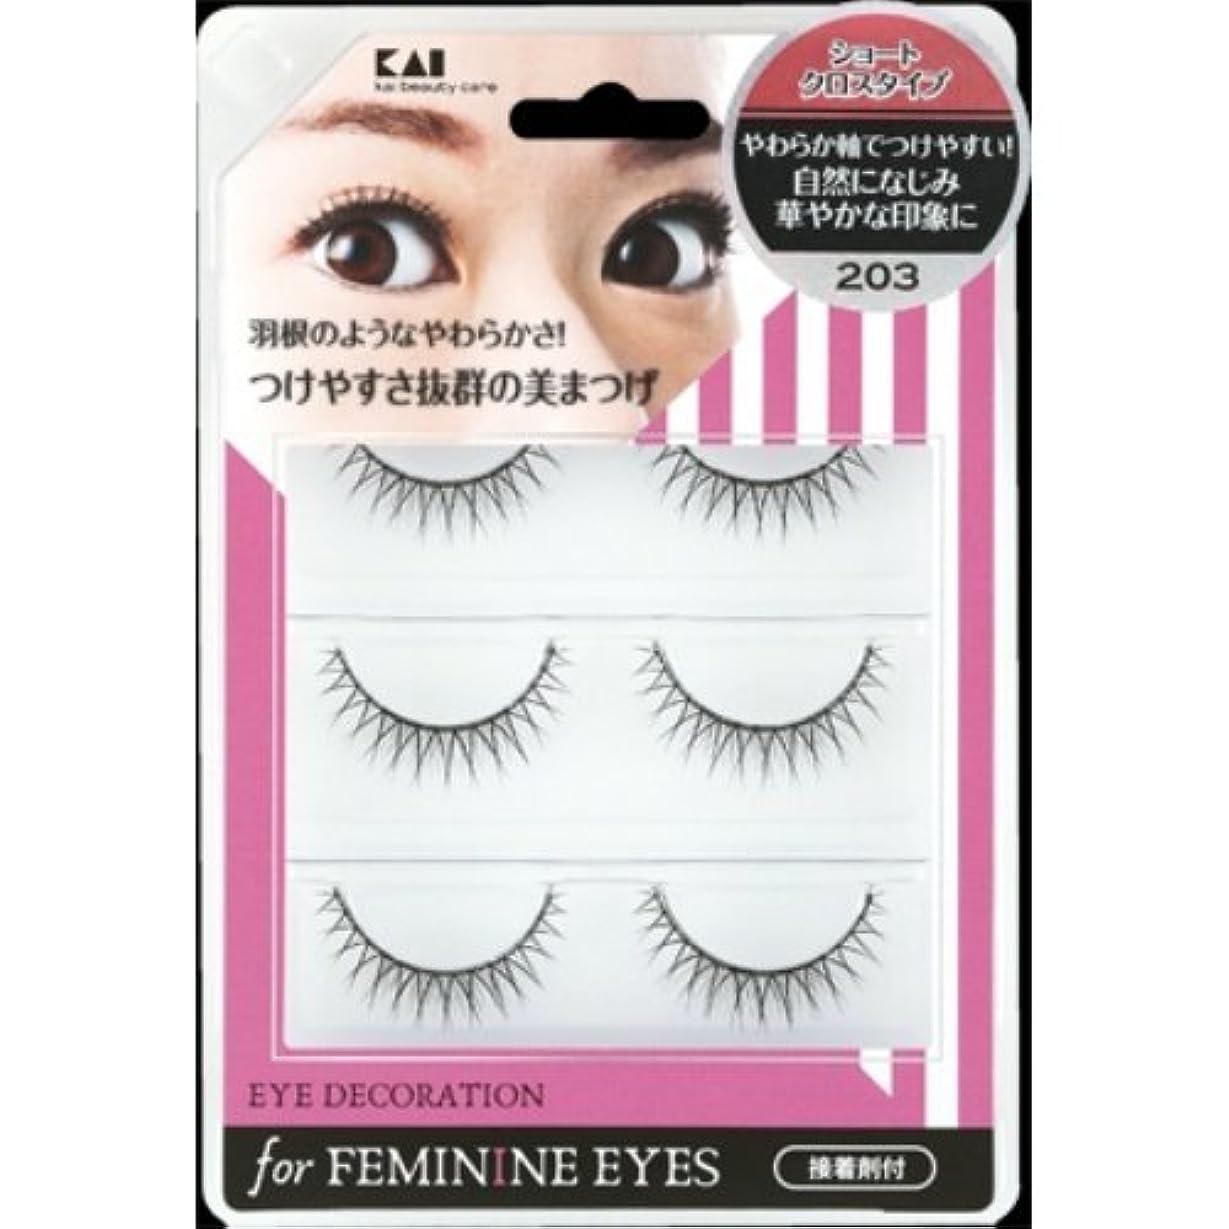 投げる静けさアクセル貝印 アイデコレーション for feminine eyes 203 HC1560